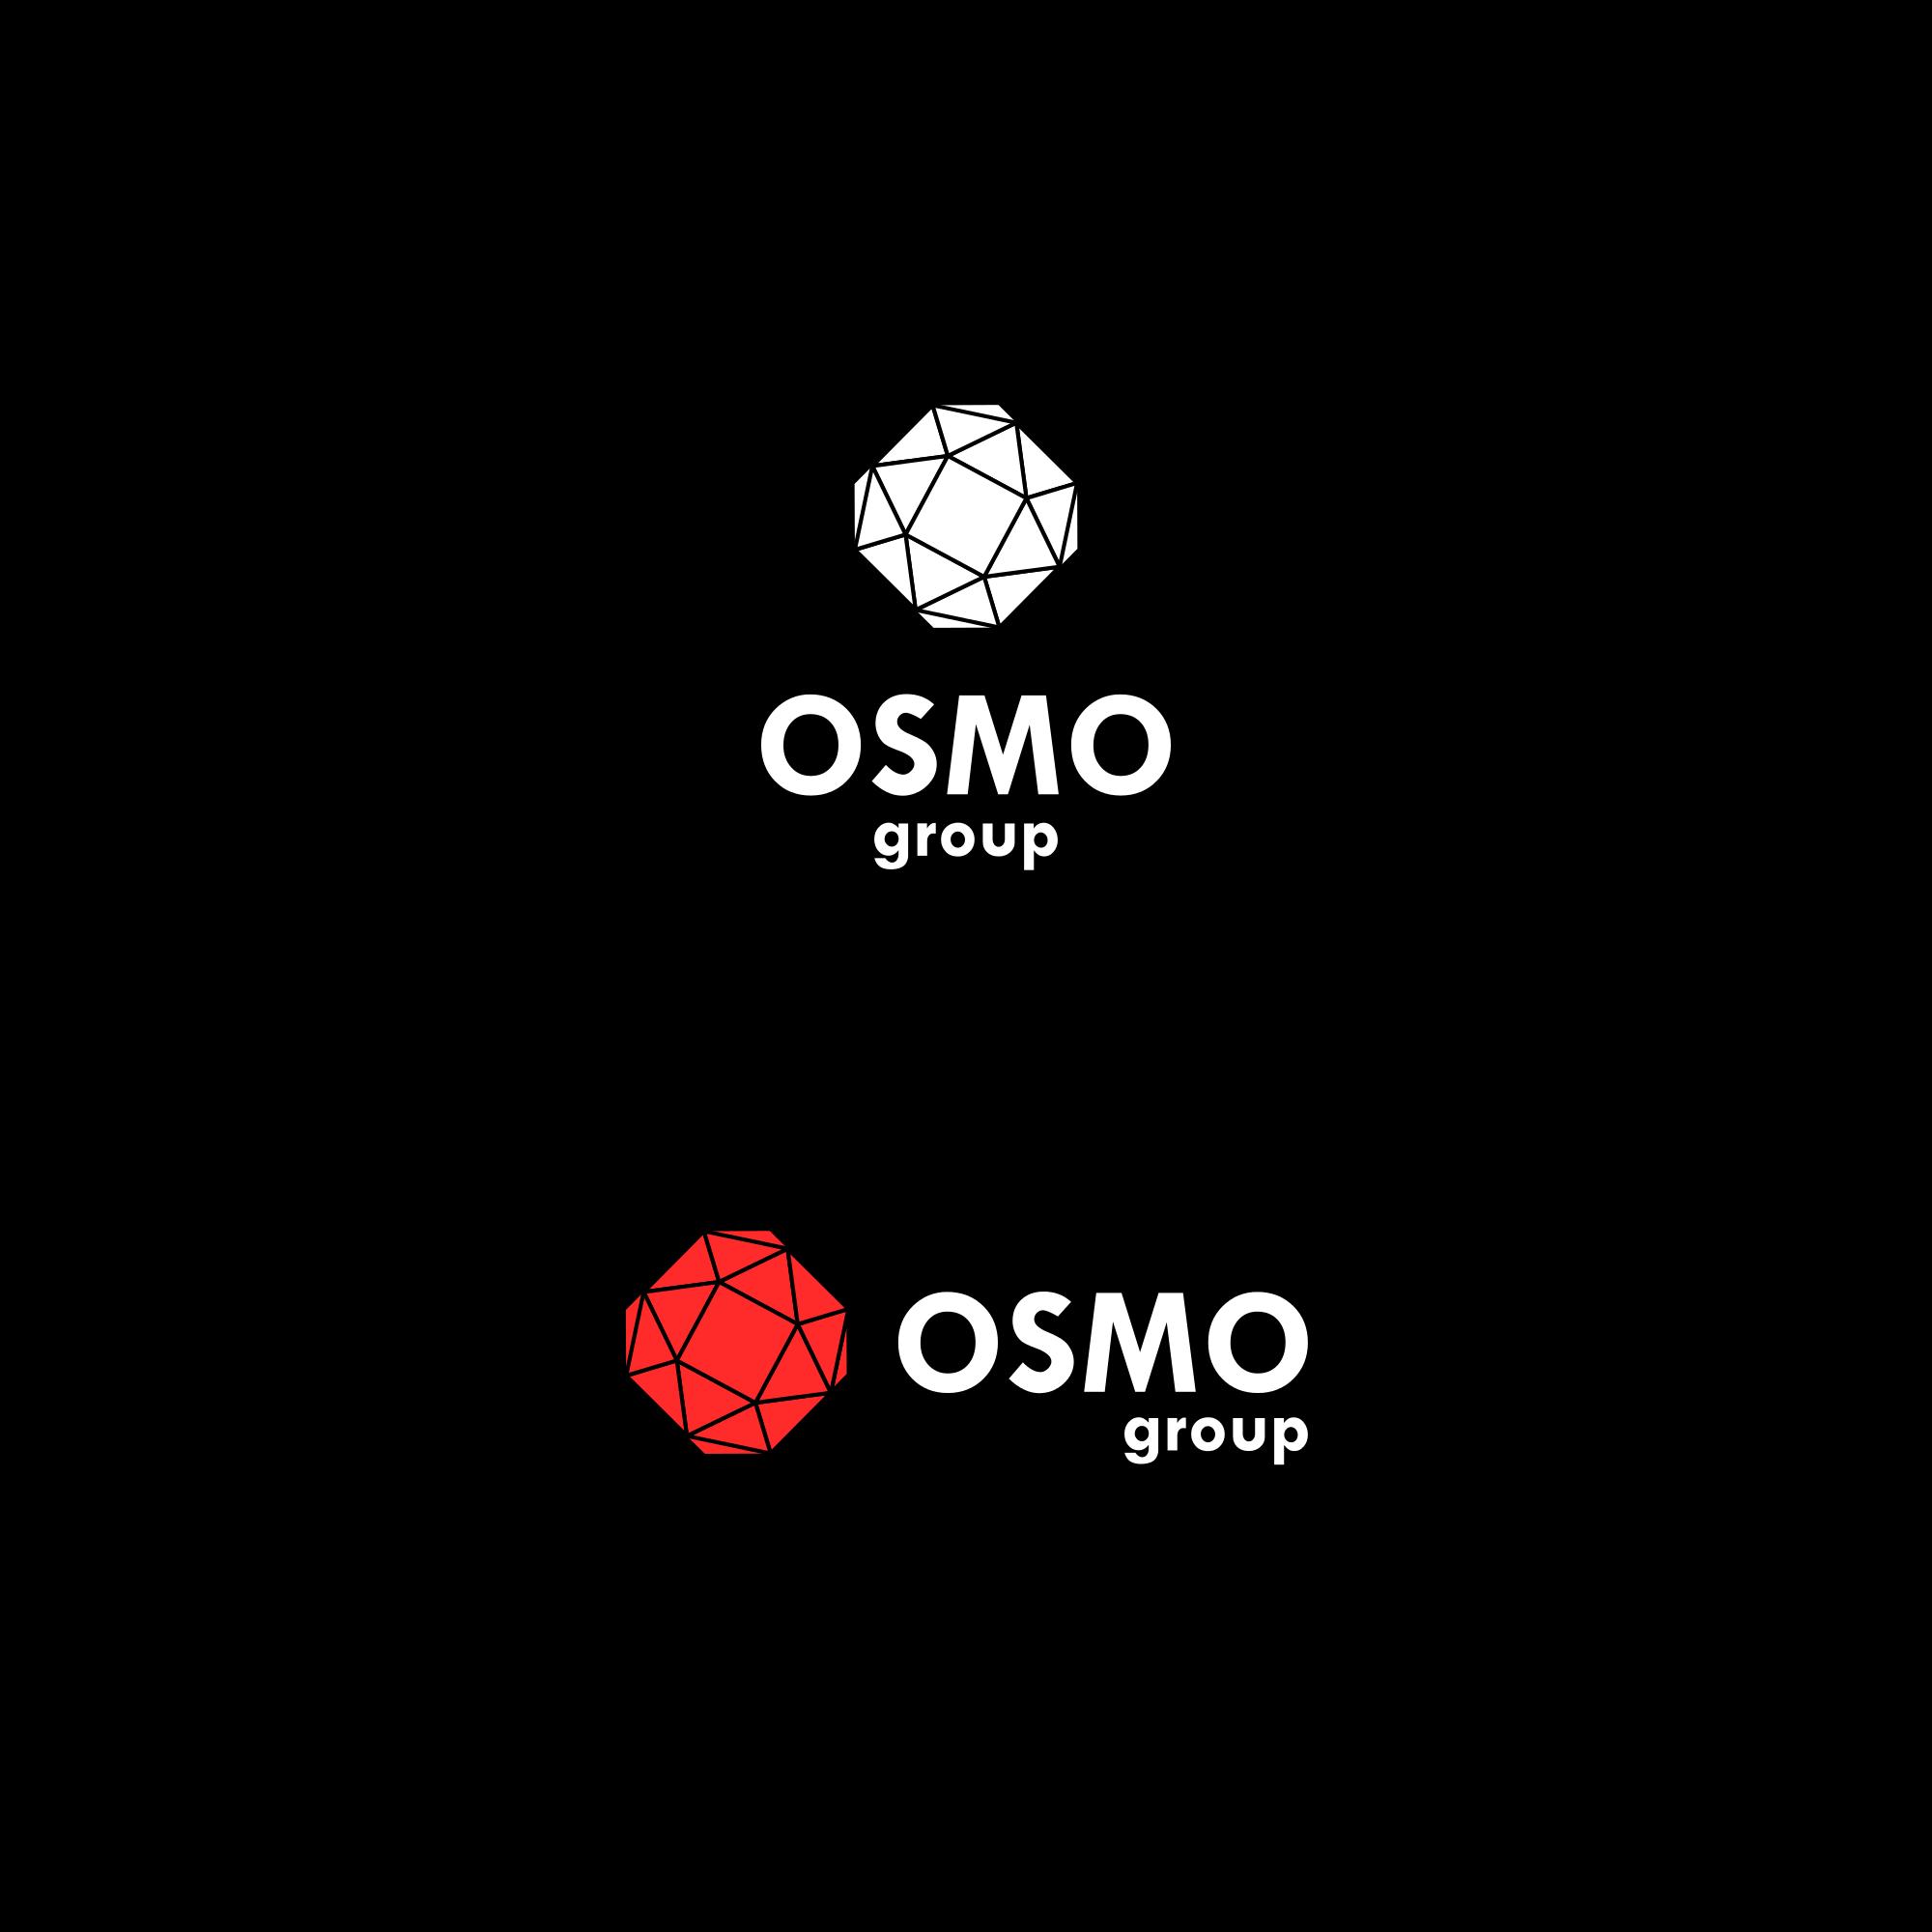 Создание логотипа для строительной компании OSMO group  фото f_97259b597daded48.png